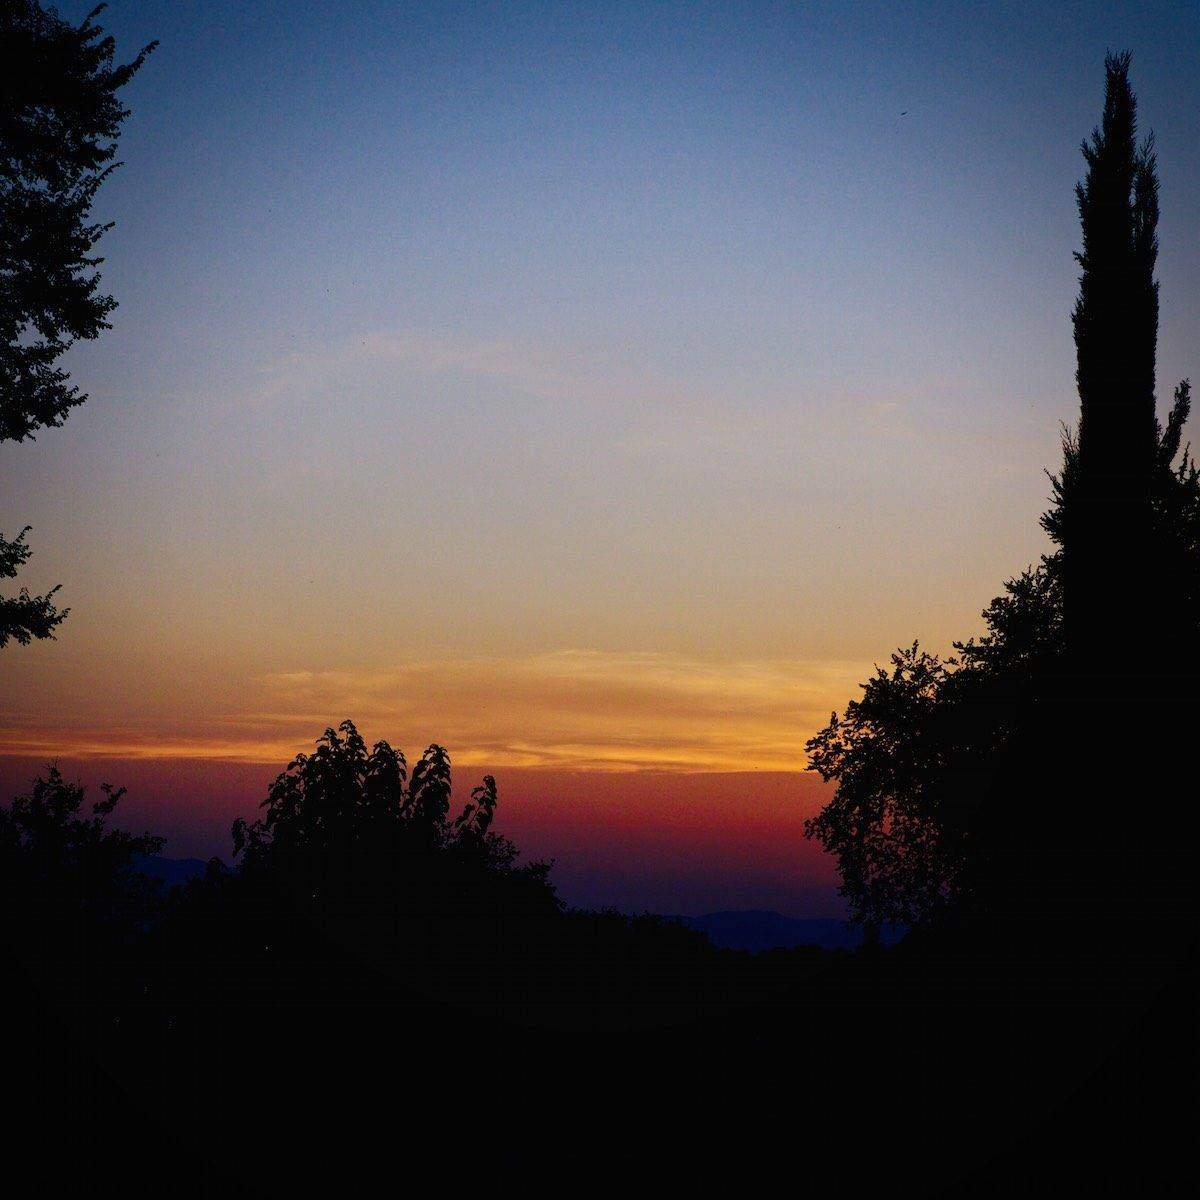 sunset - toscana